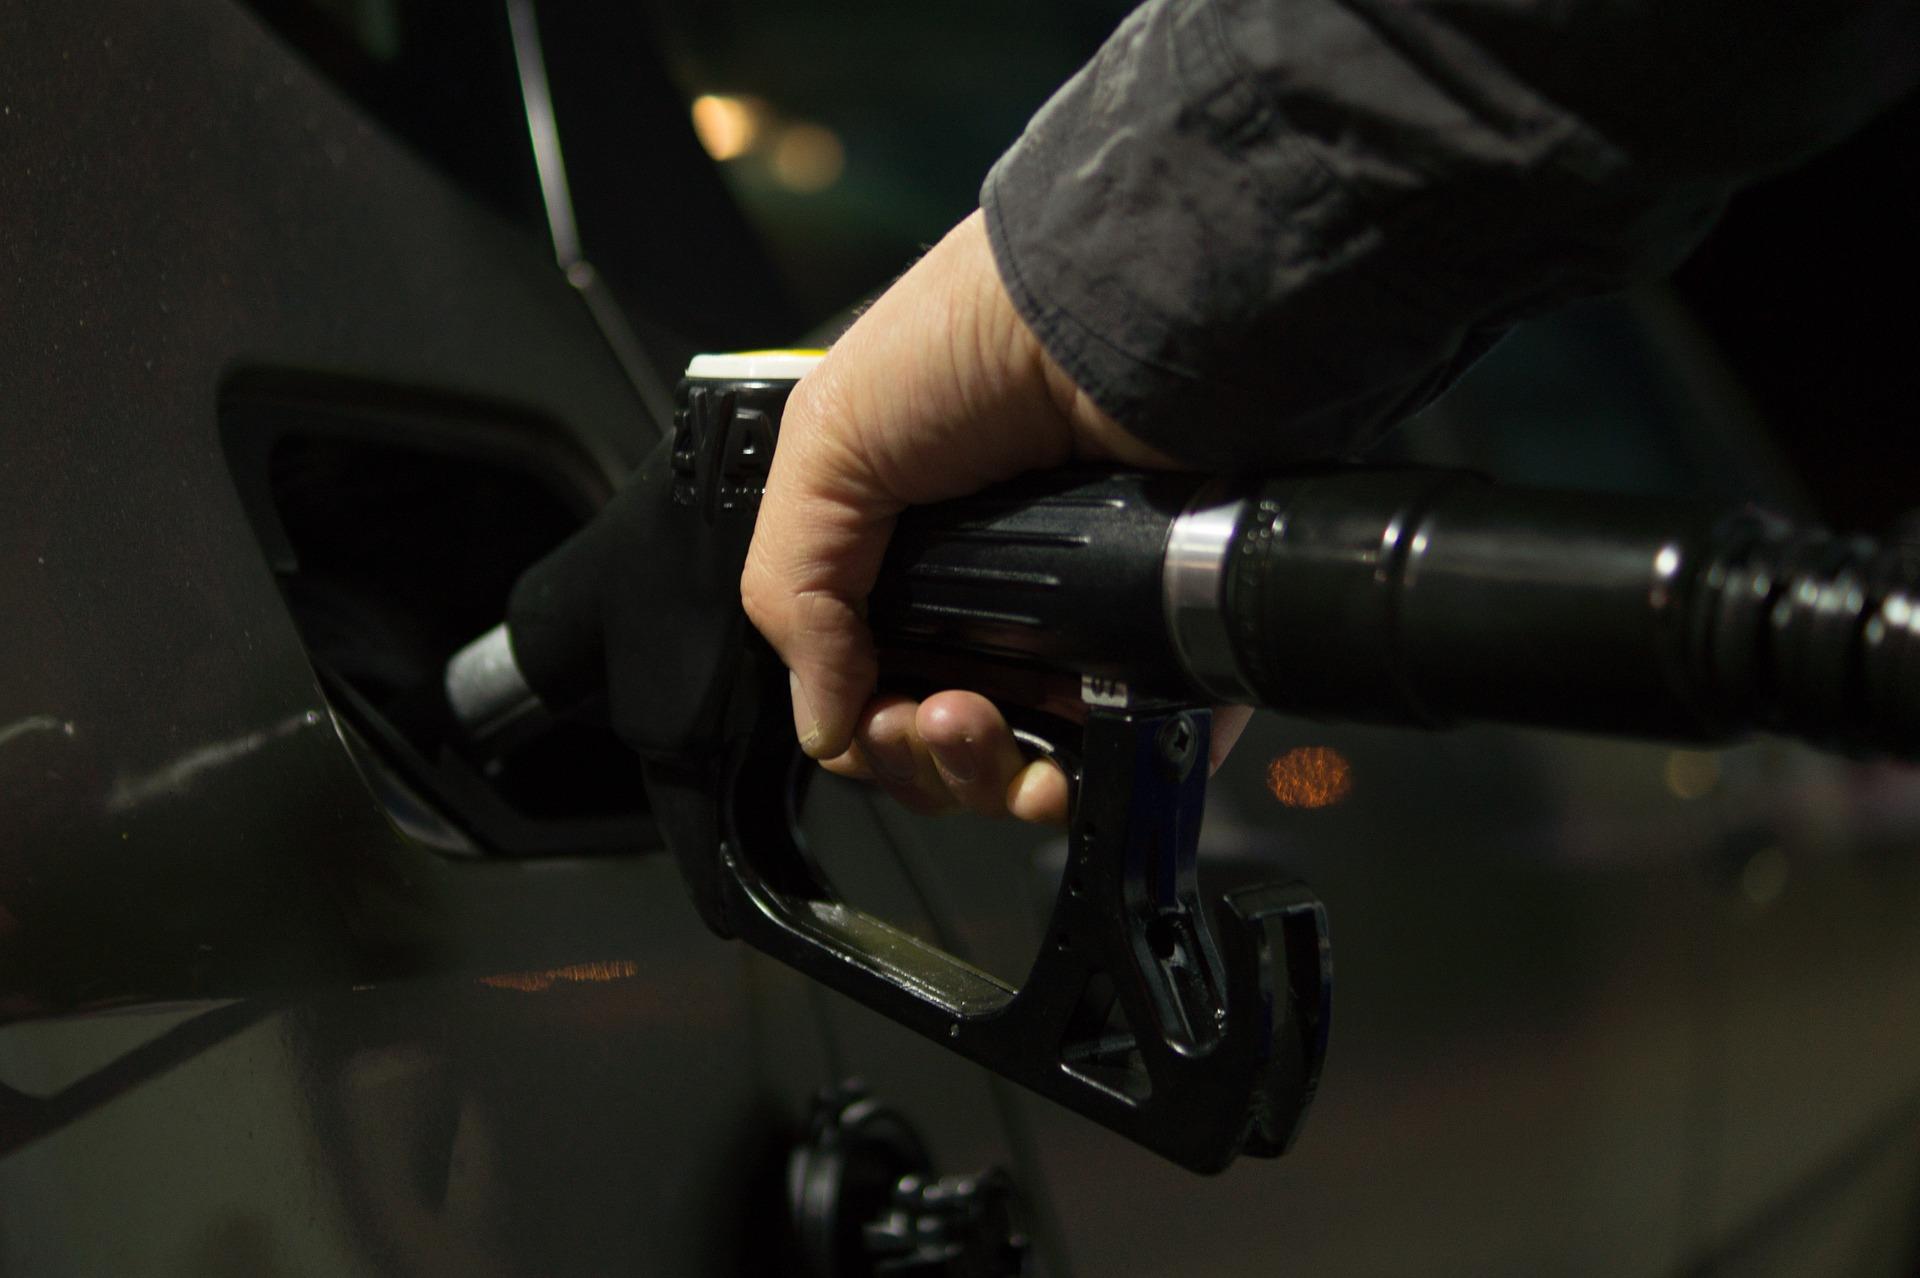 ANP informa que consumo de combustível caiu 2,5% em setembro